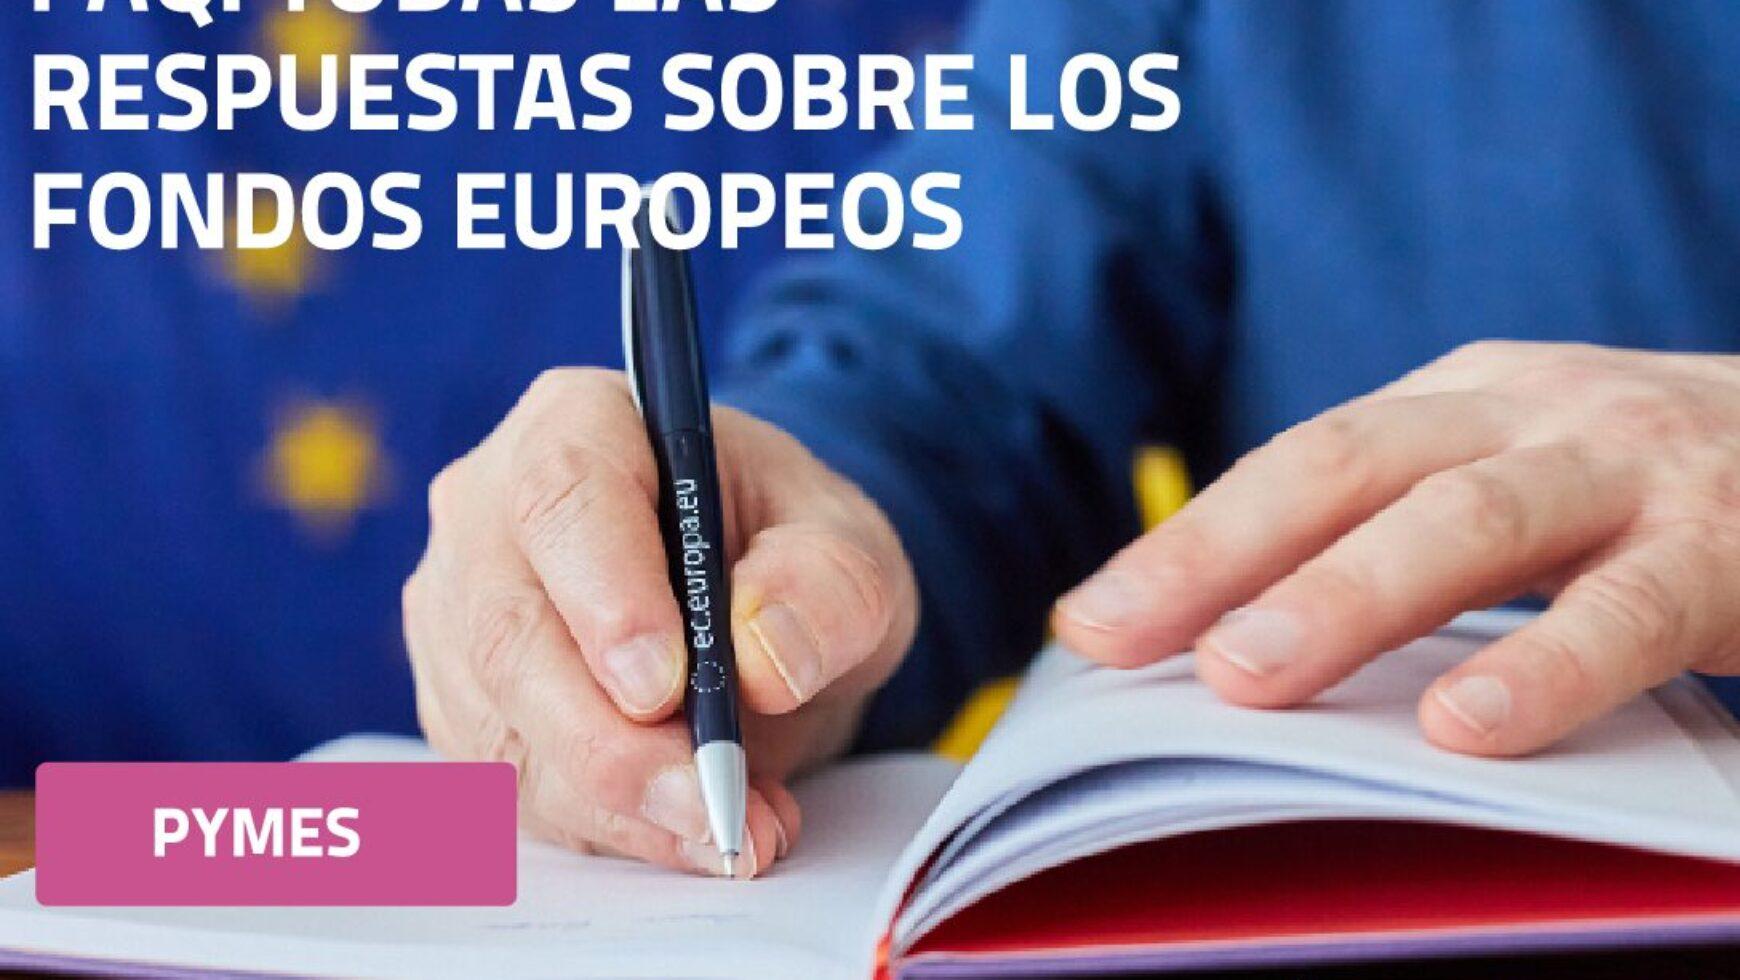 Fondos Europeos para empresas